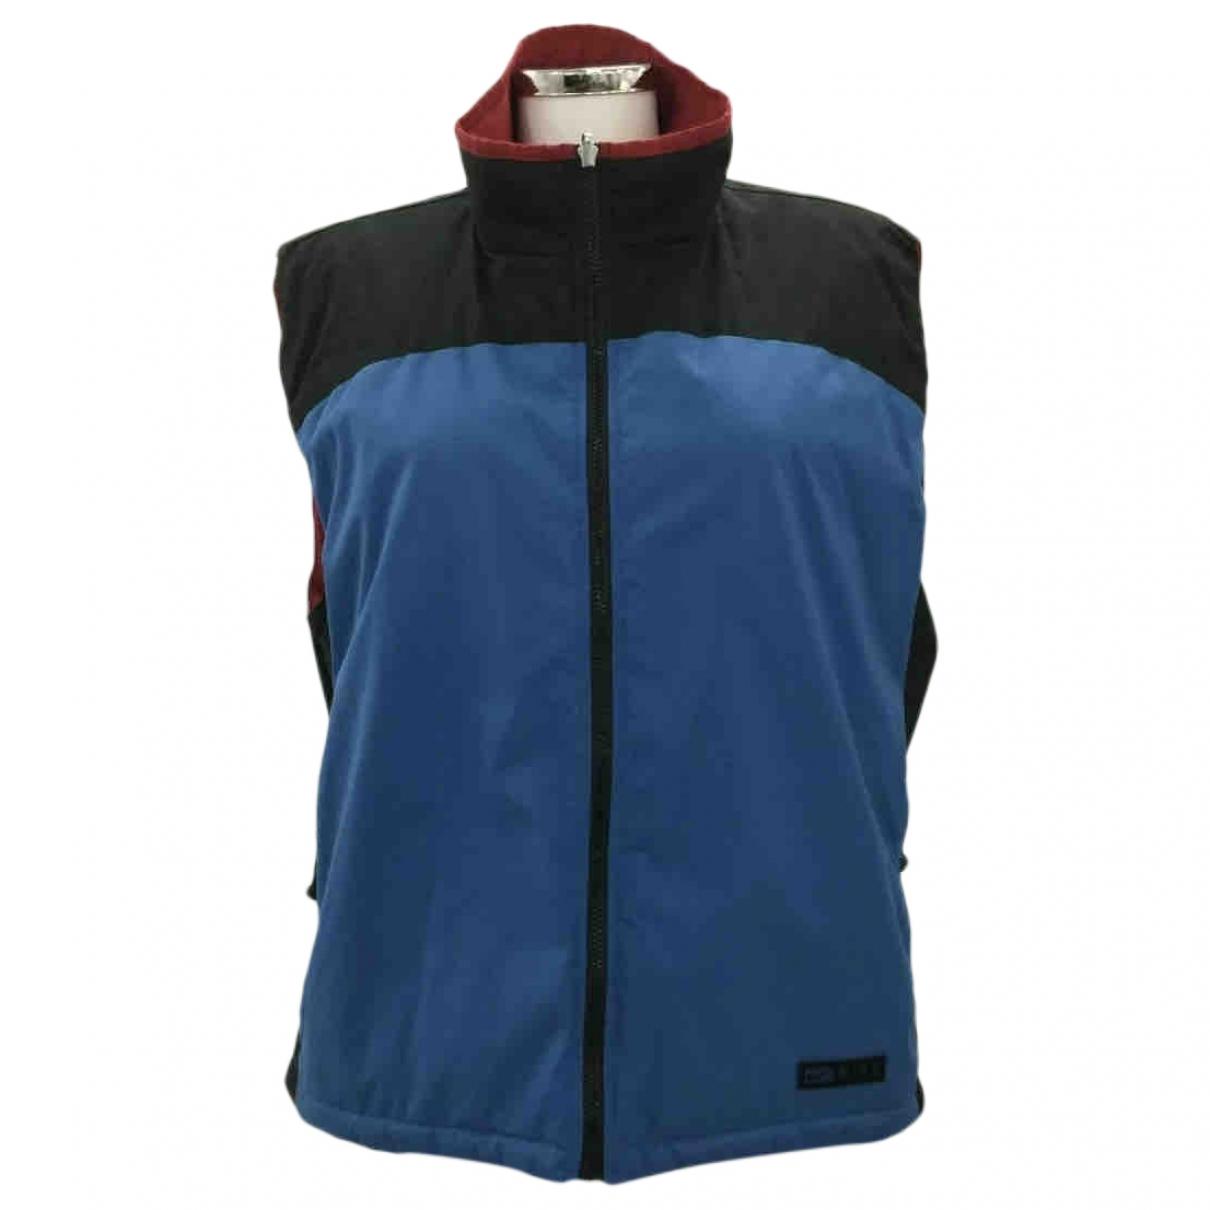 Nike \N jacket for Women L International